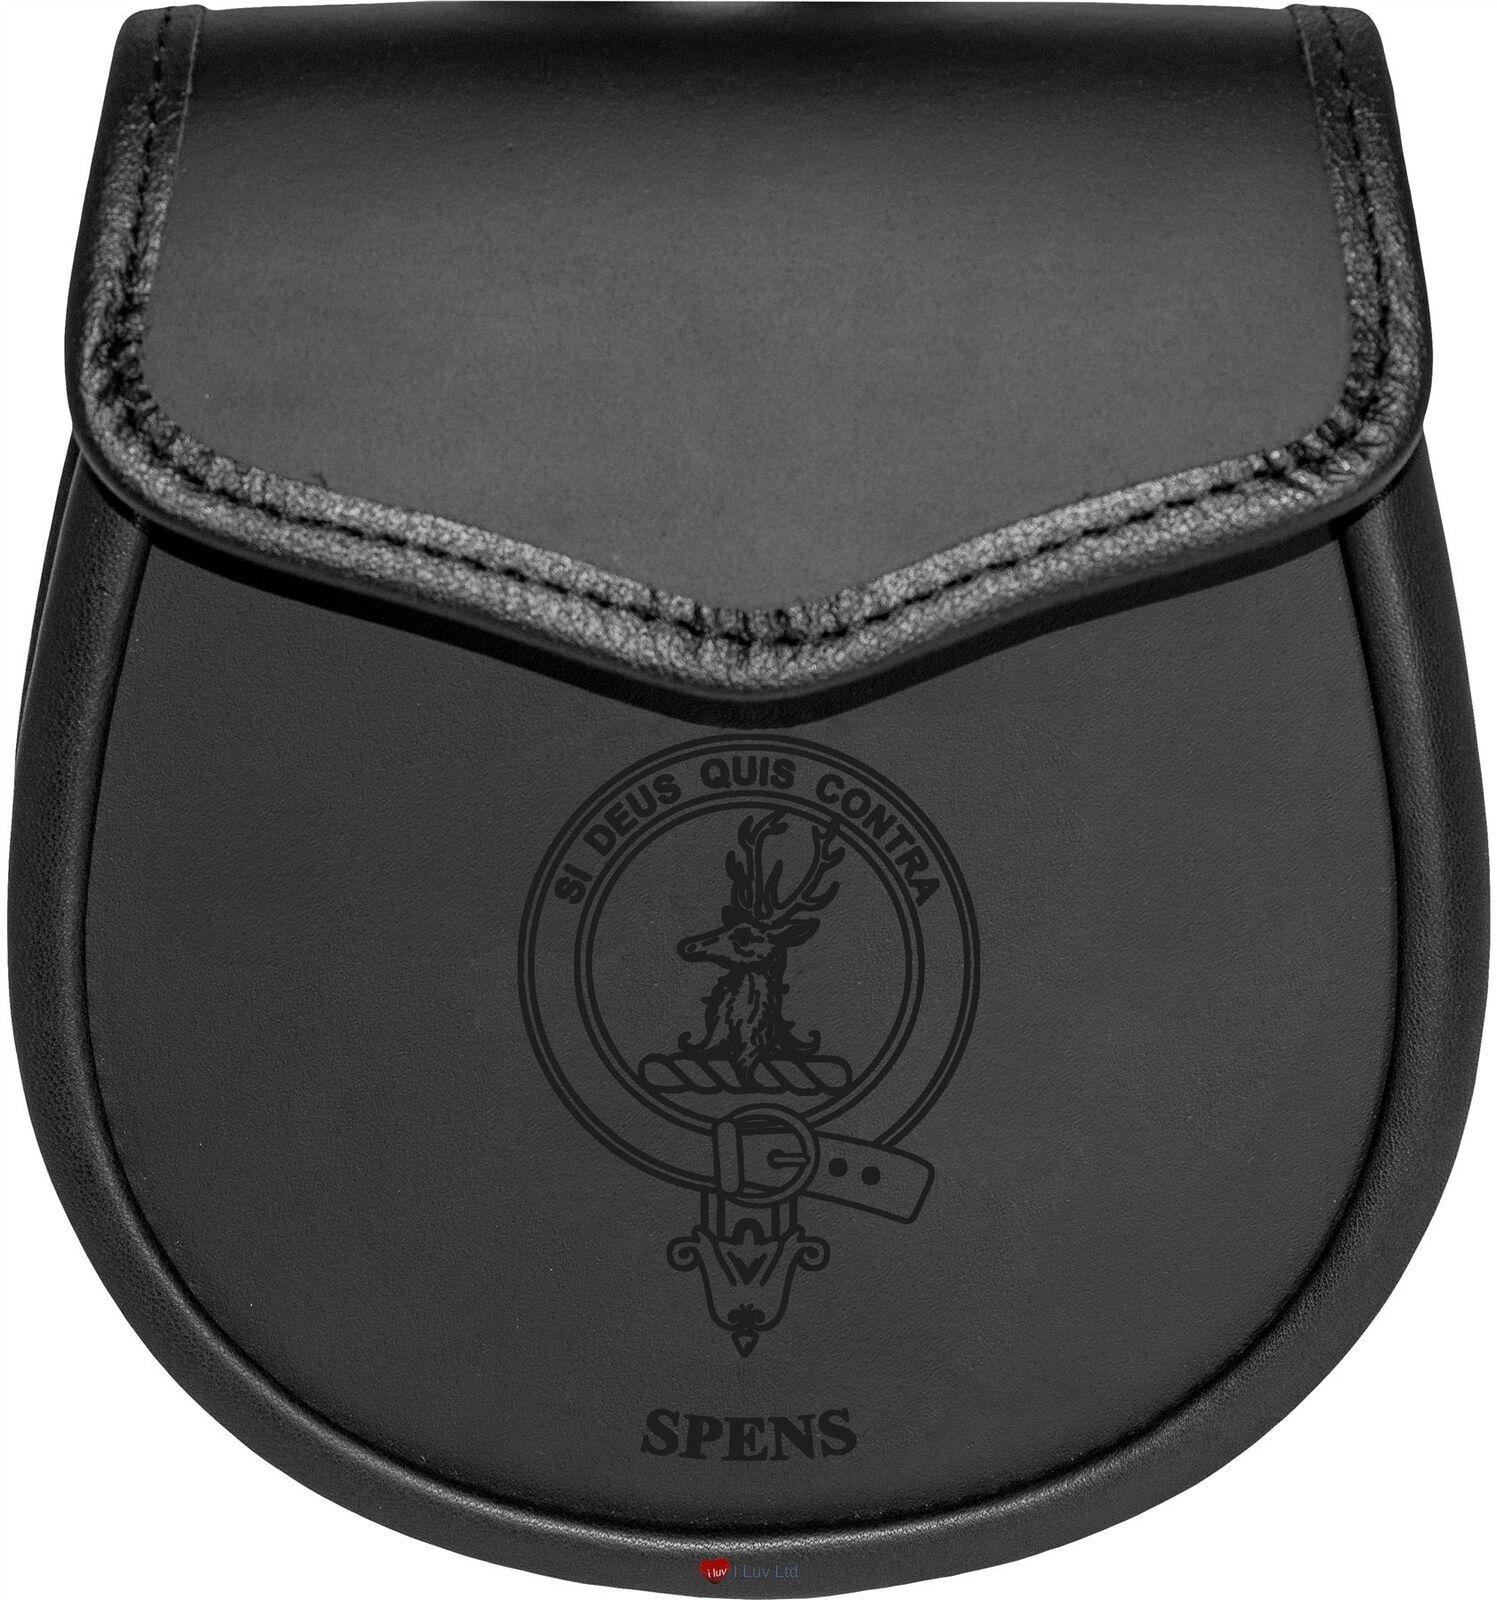 Spens Leather Day Sporran Scottish Clan Crest